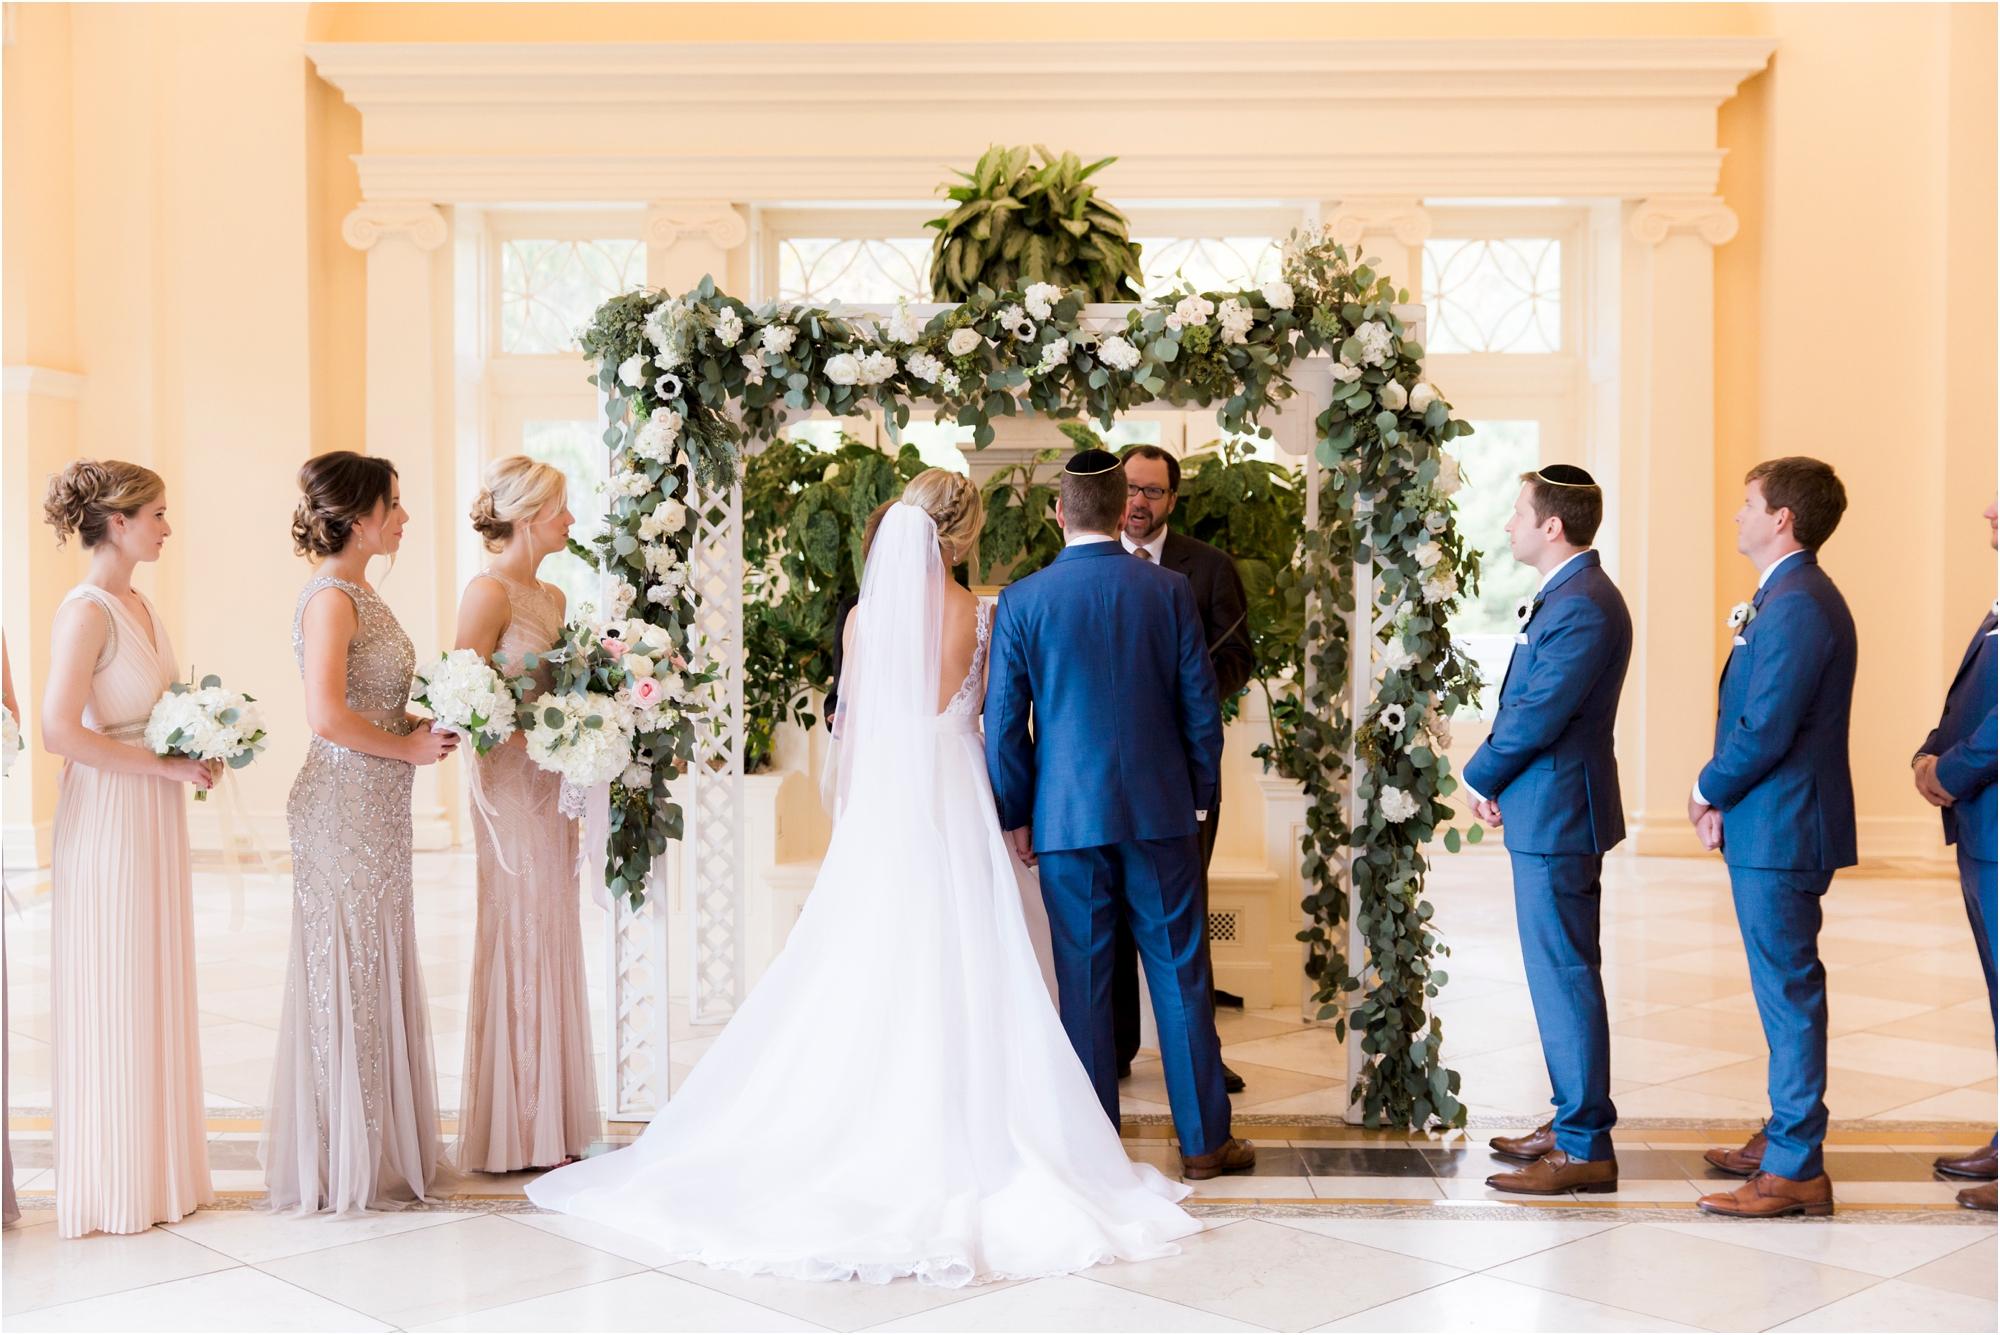 brooke-ilya-fall-virginia-omni-homestead-resort-wedding-photos_0035.jpg